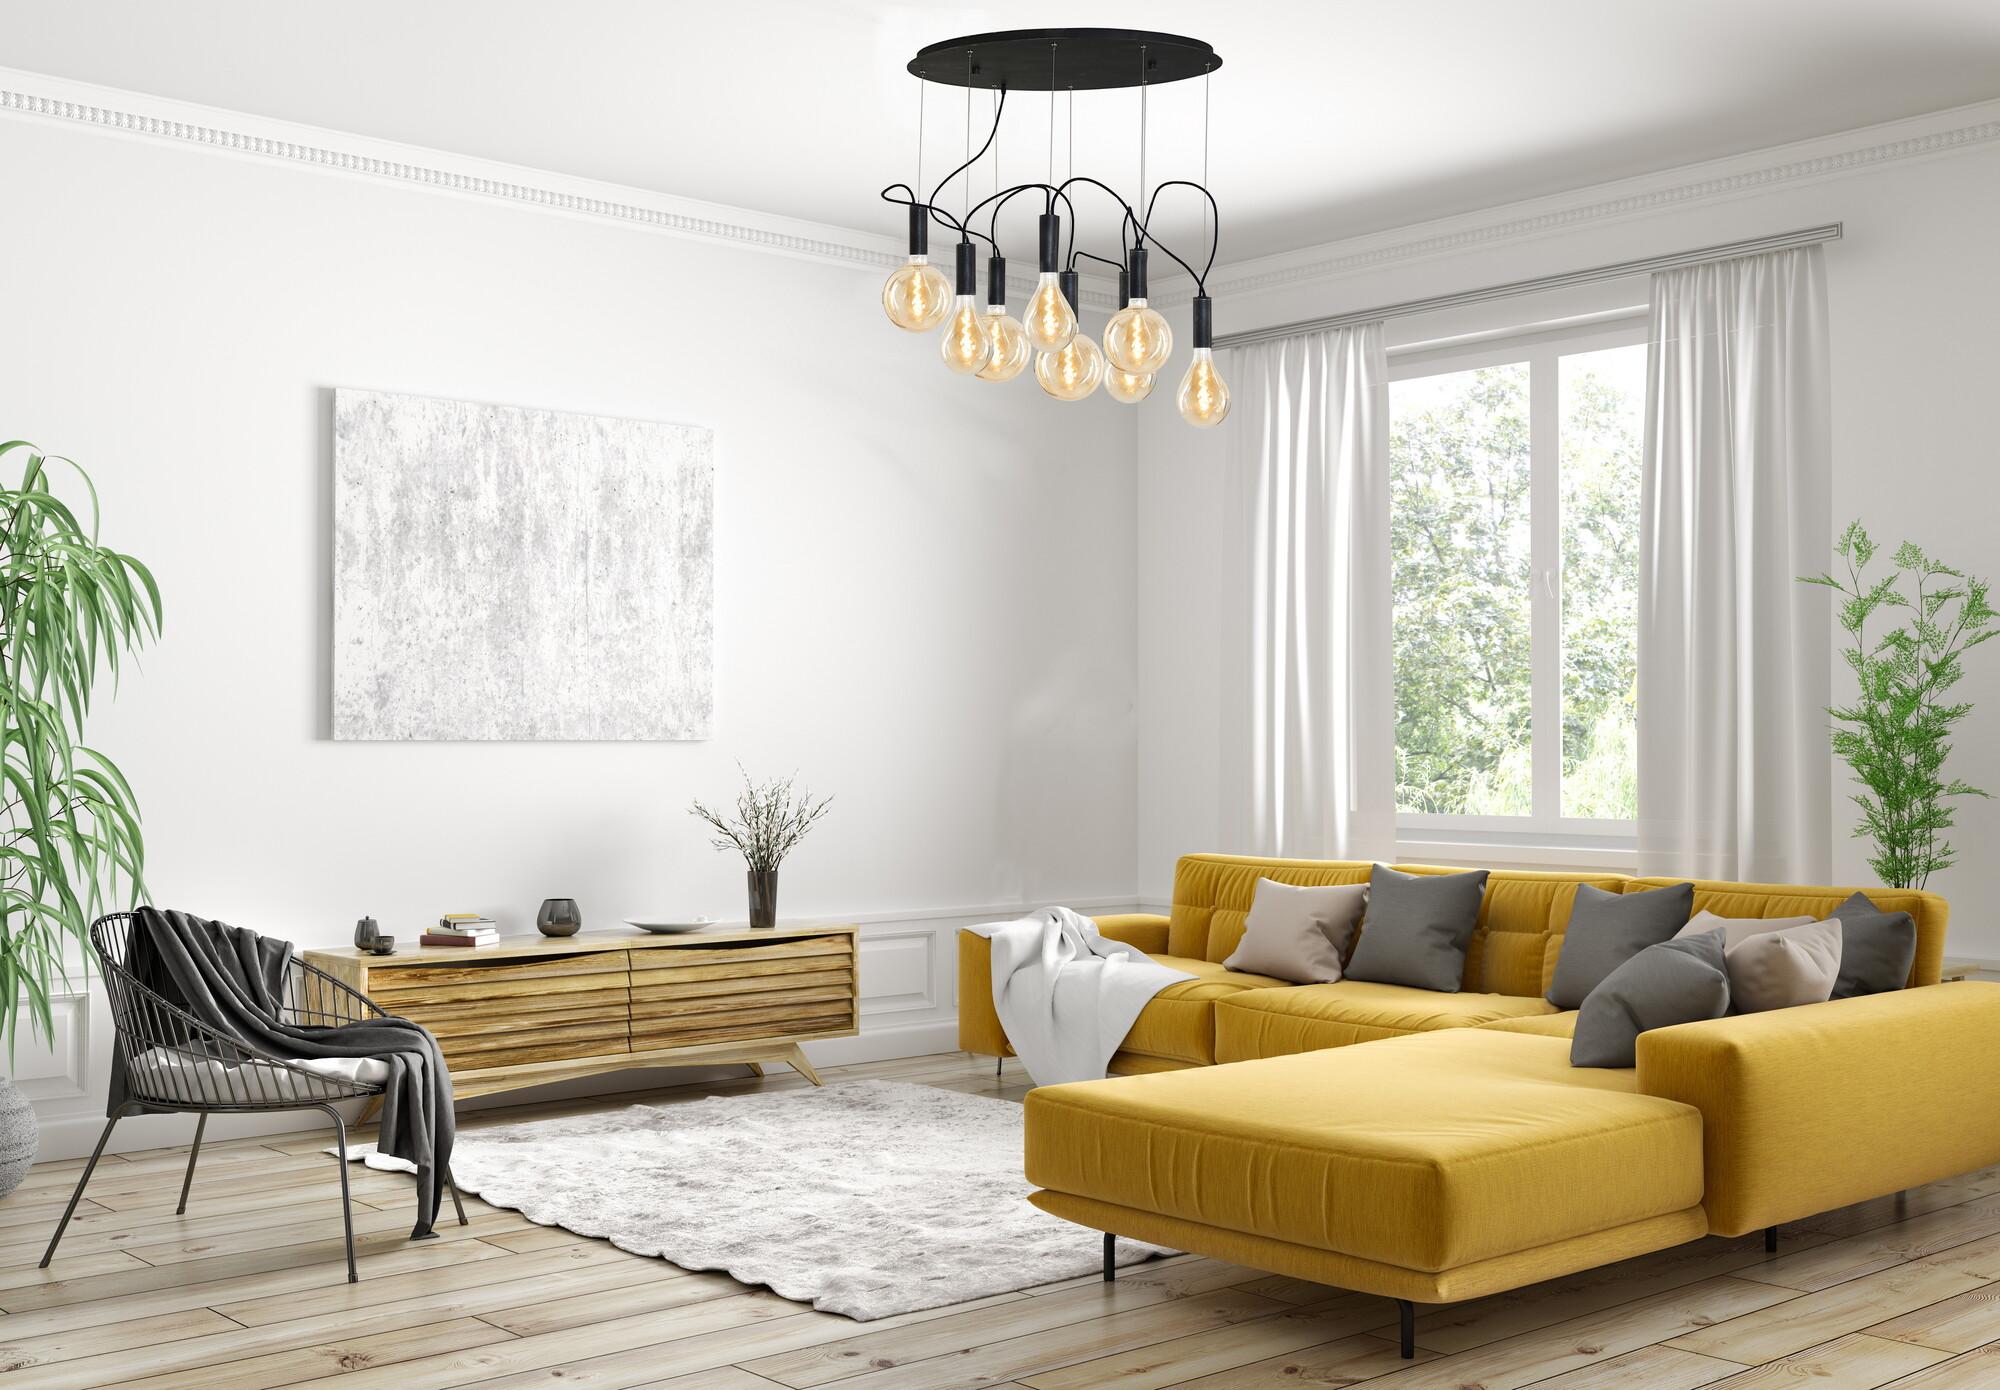 ALAMBO Hanglamp E27 8x Zwart